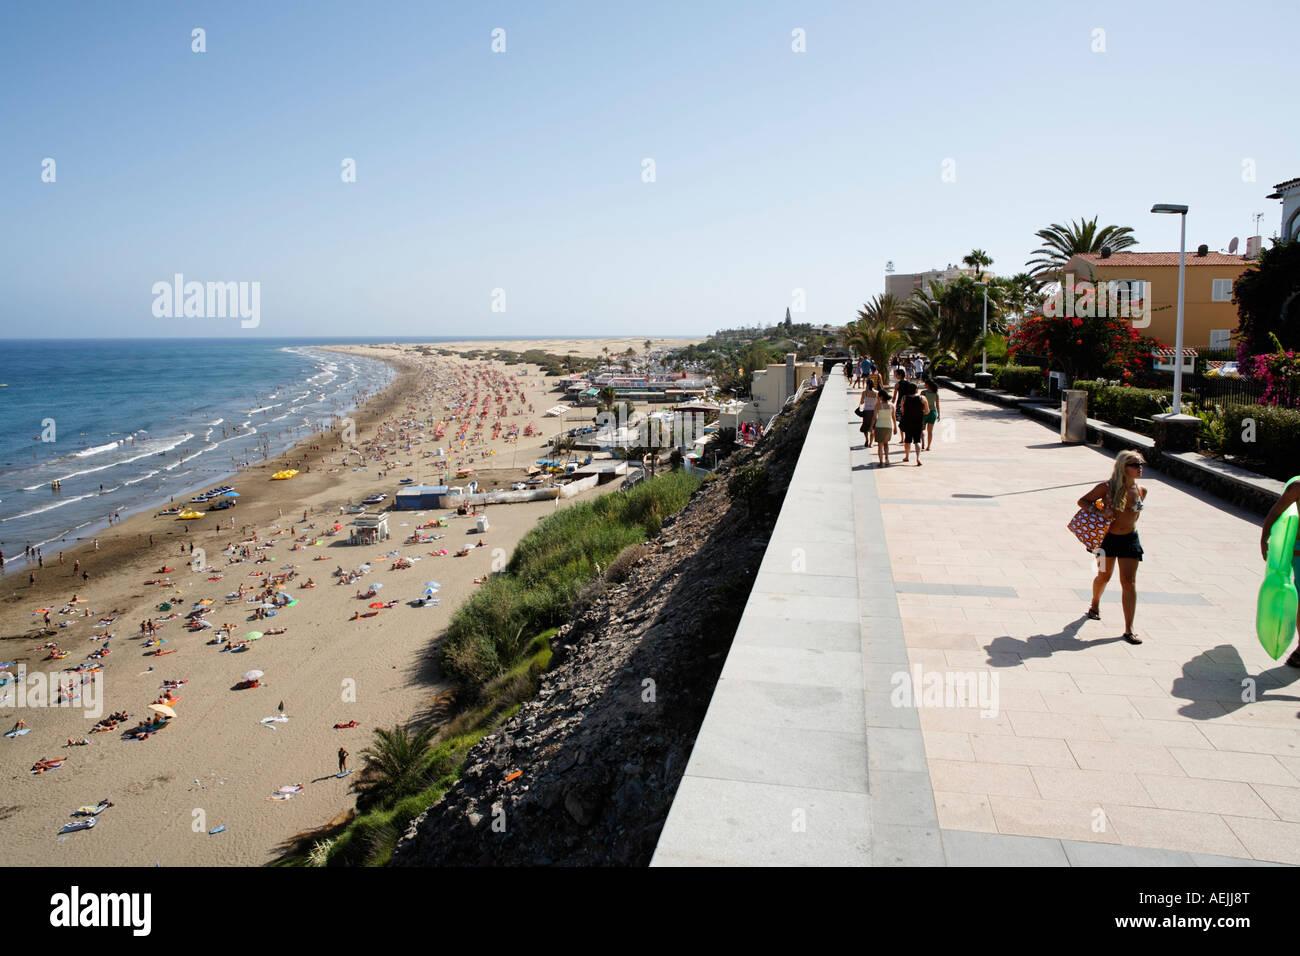 playa del ingles strandpromenade